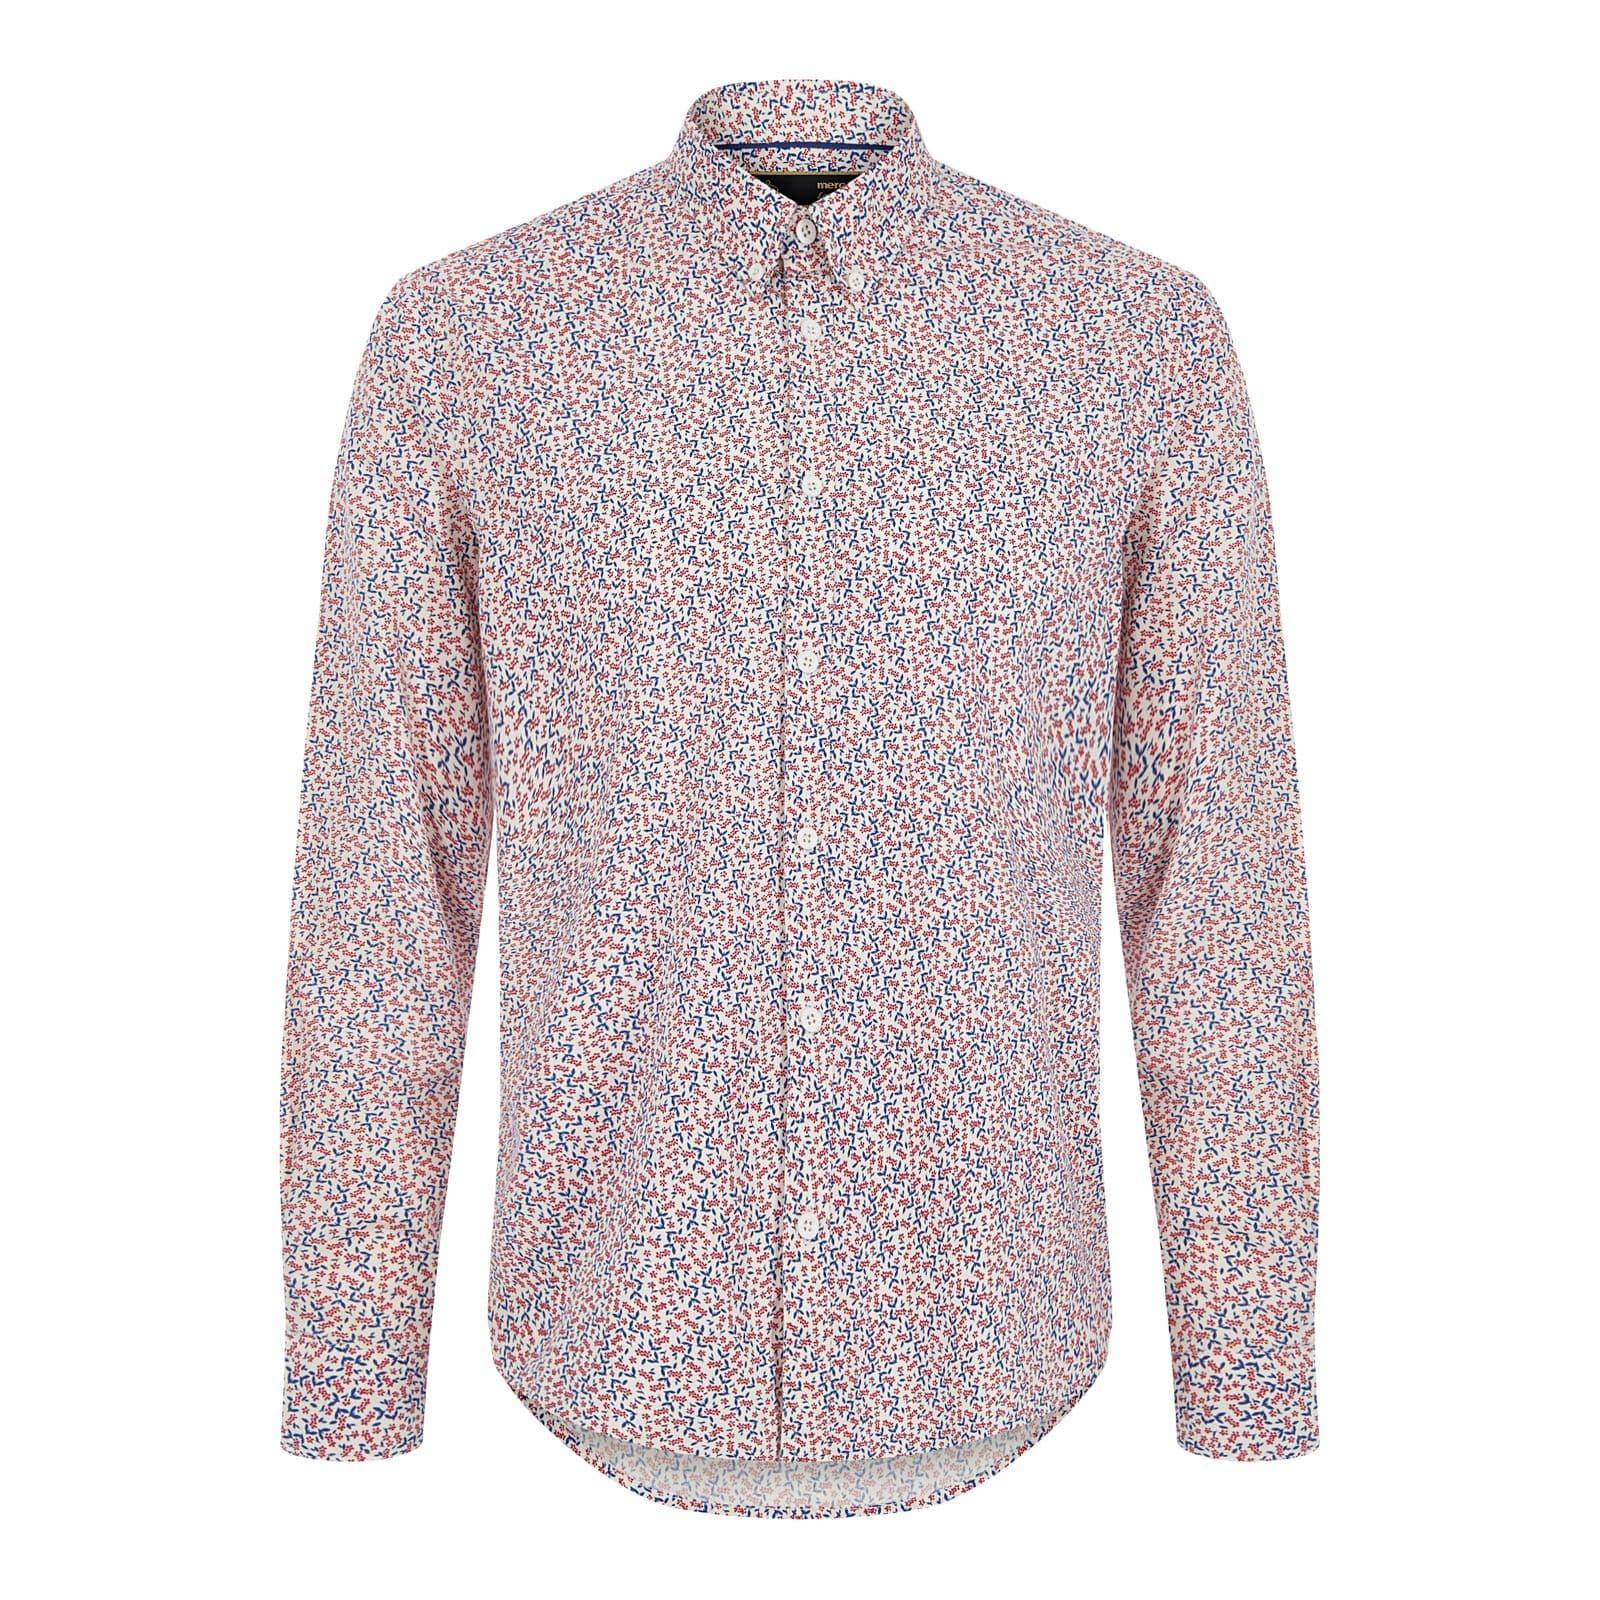 Рубашка DurhamРубашки под заказ<br><br><br>Артикул: 1517104<br>Материал: 100% хлопок<br>Цвет: белый с красными и синими узорами<br>Пол: Мужской